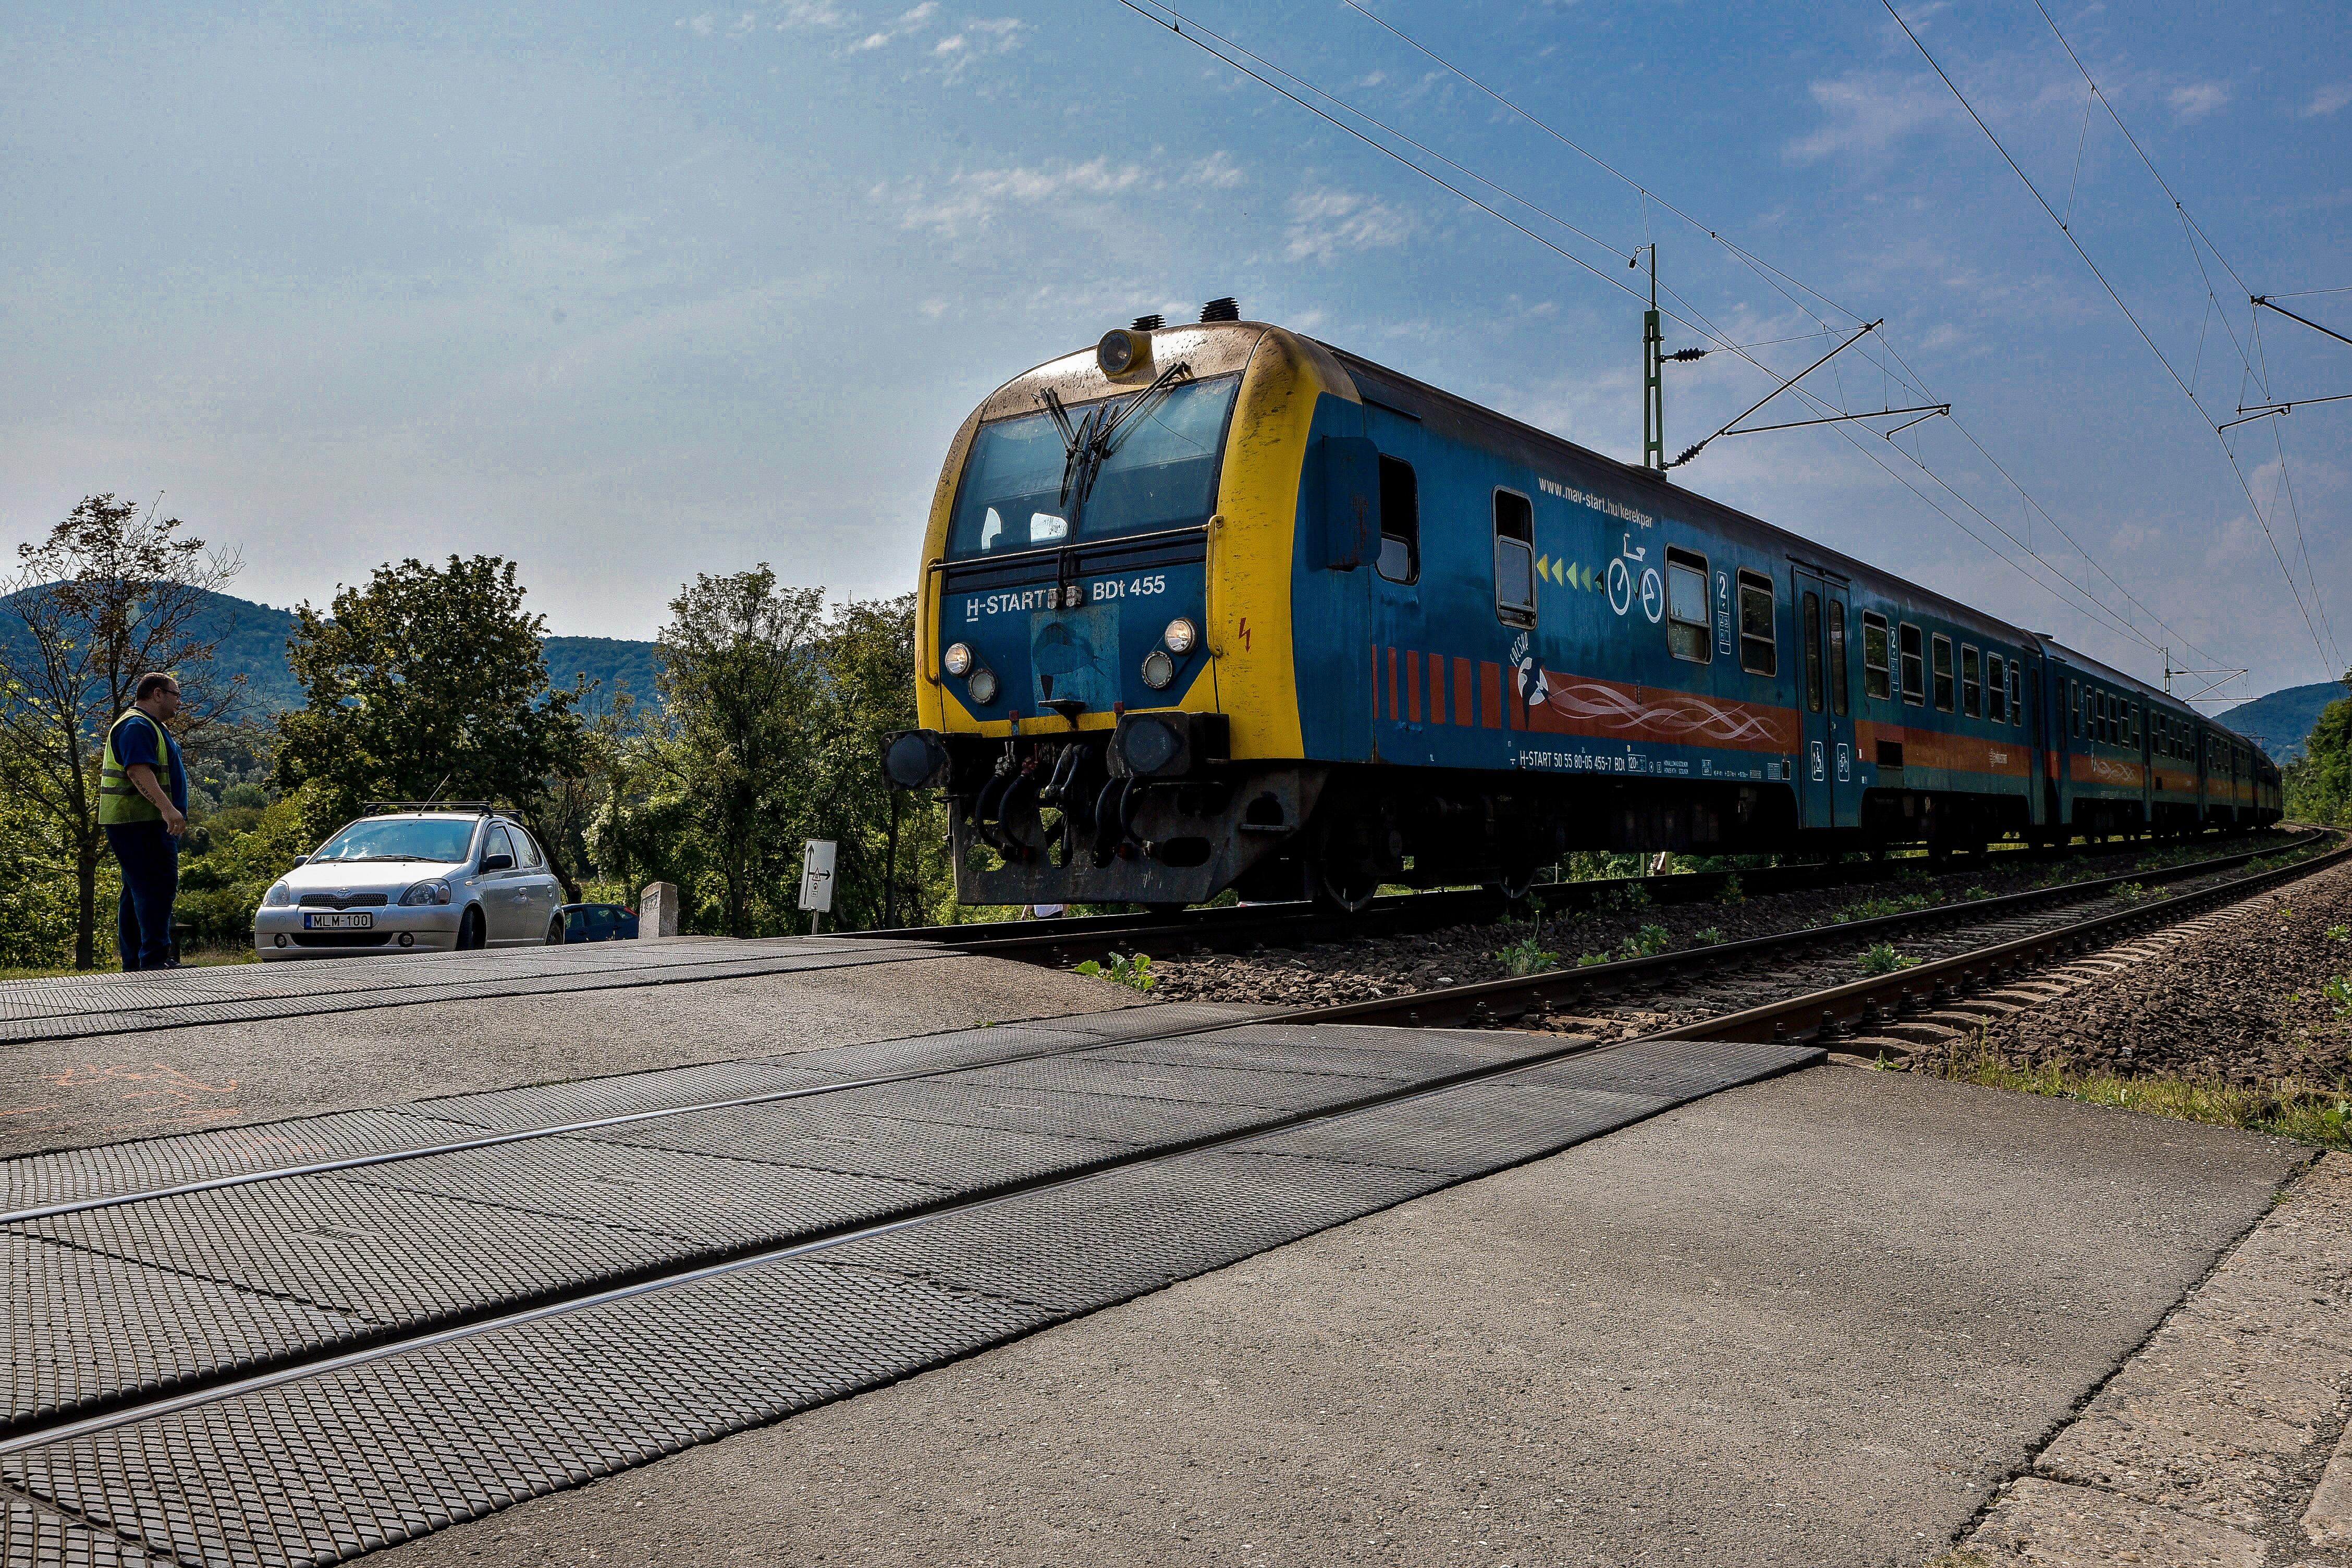 Gyorsabban le lehet jutni vonattal a Balatonhoz